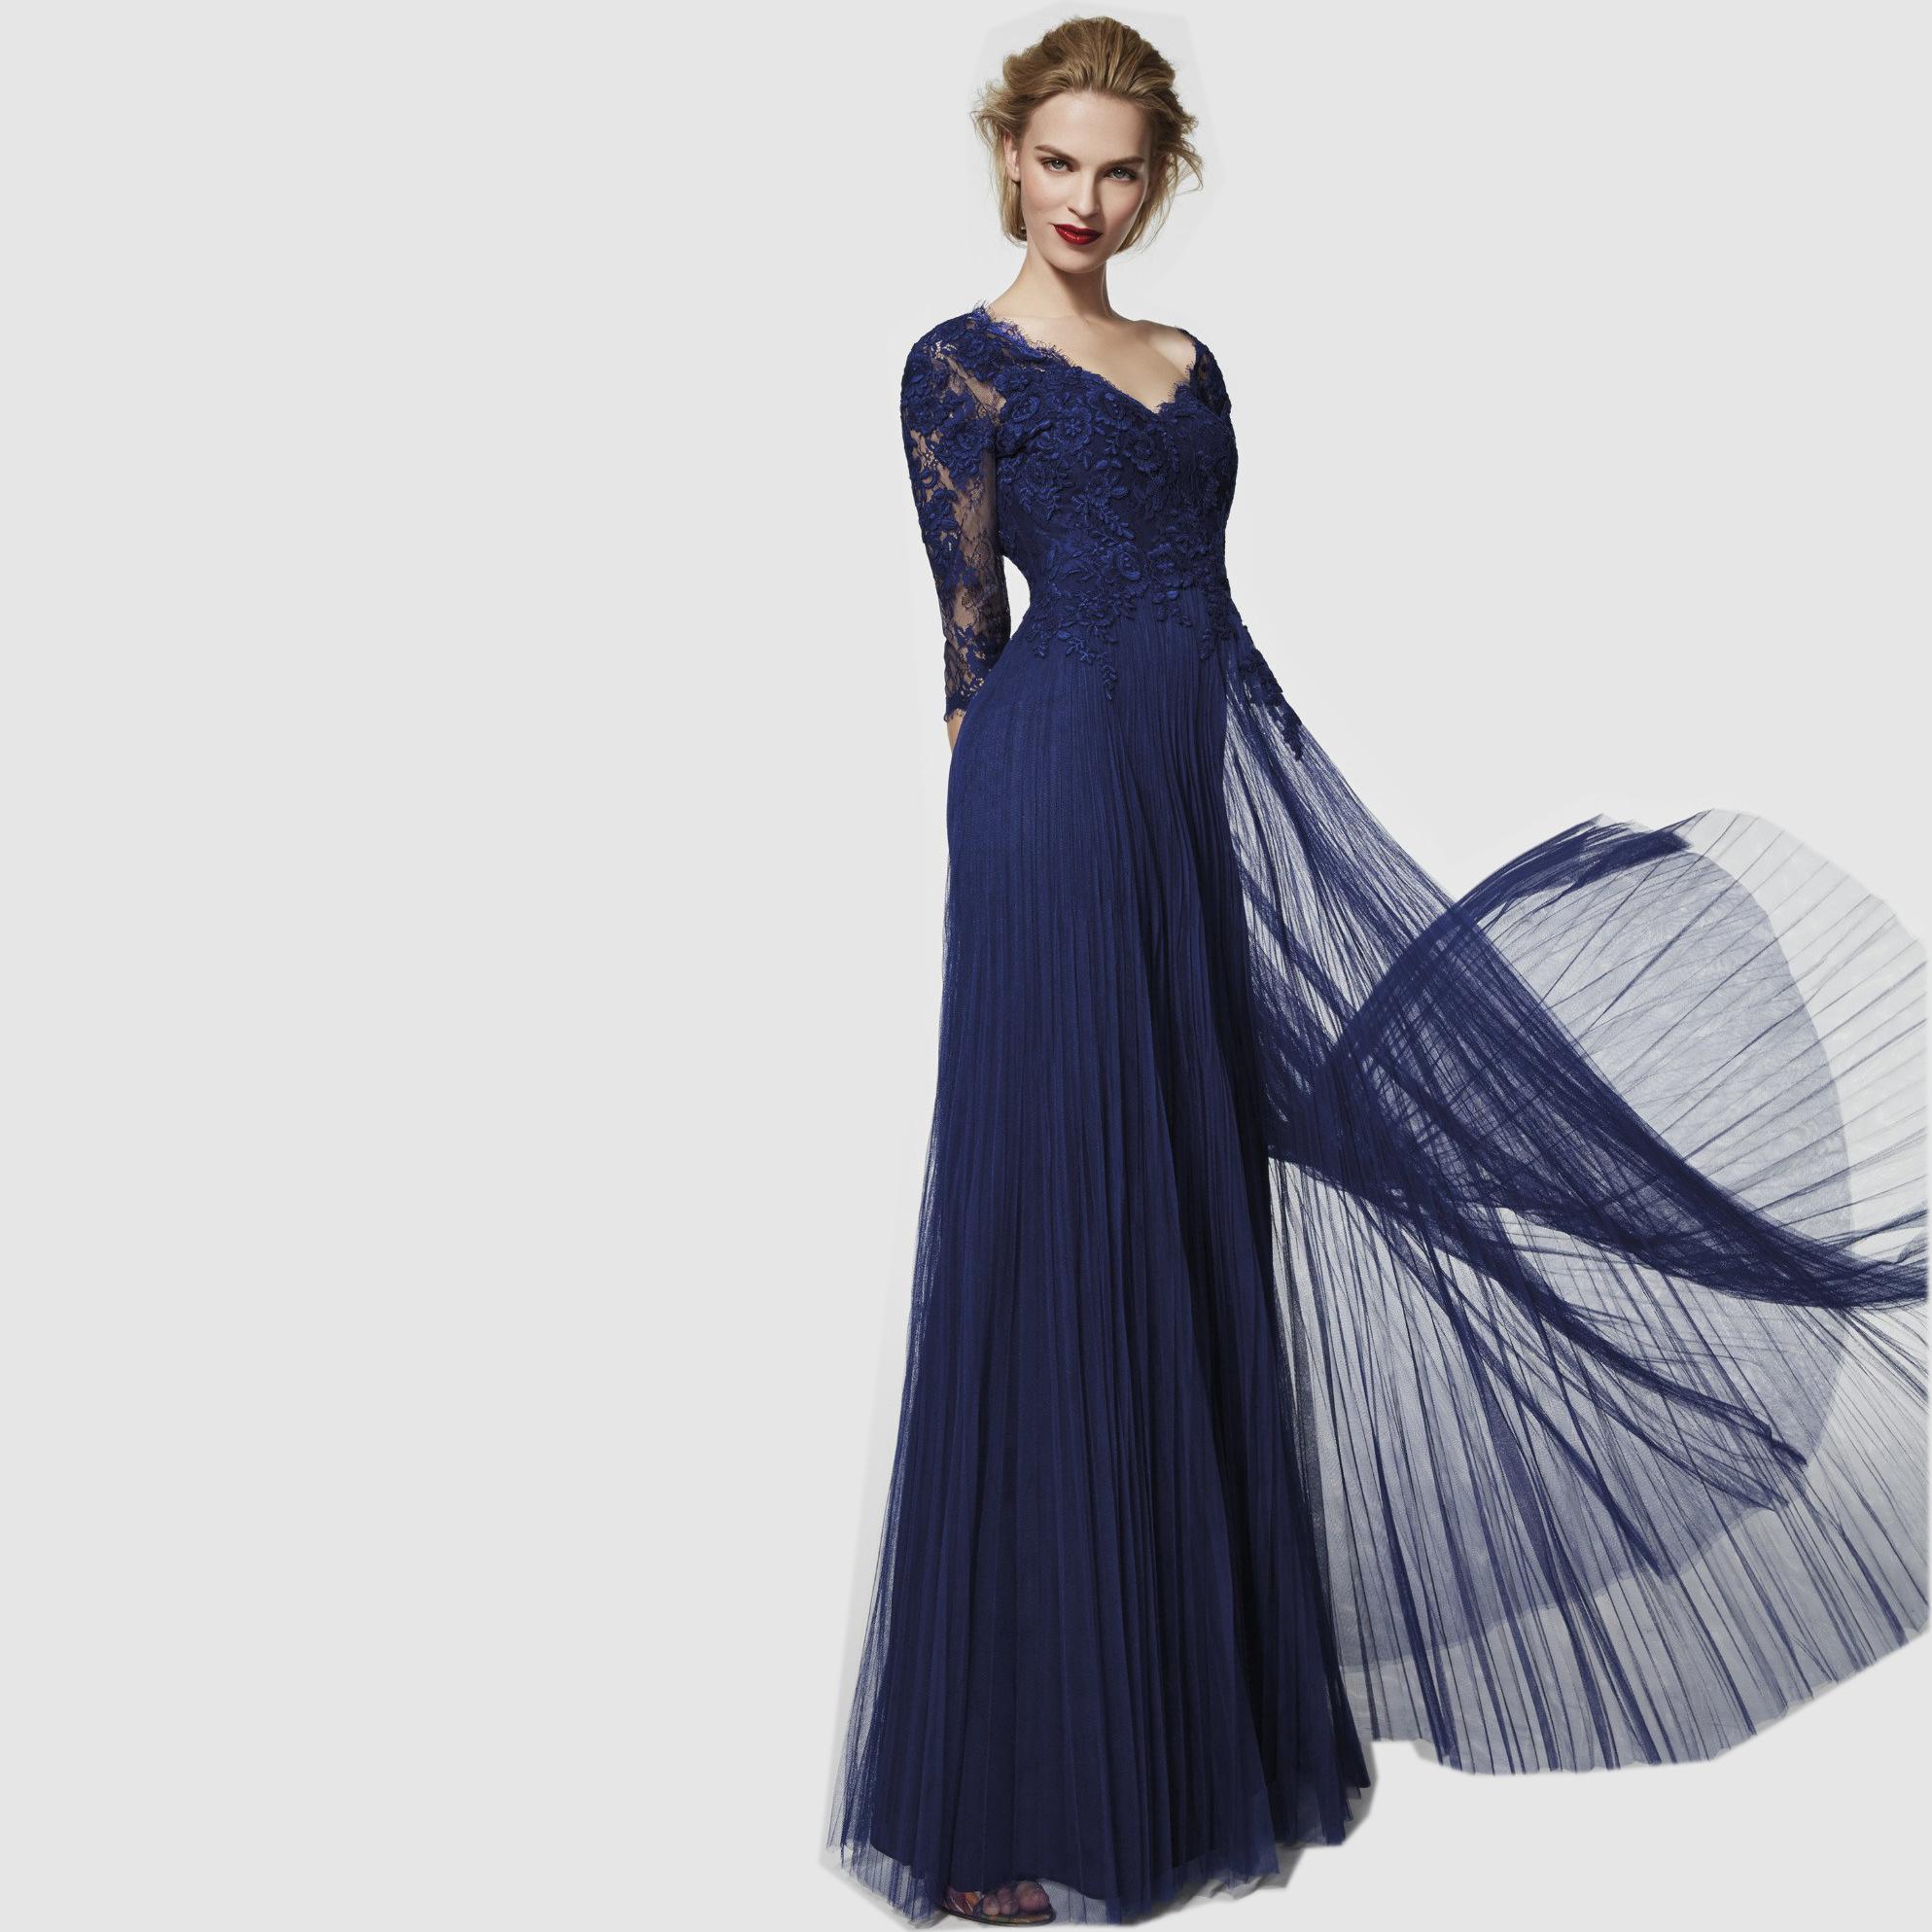 8ed1efa2c مصادر شركات تصنيع فساتين السهرة التي صنعت في الصين وفساتين السهرة التي صنعت  في الصين في Alibaba.com